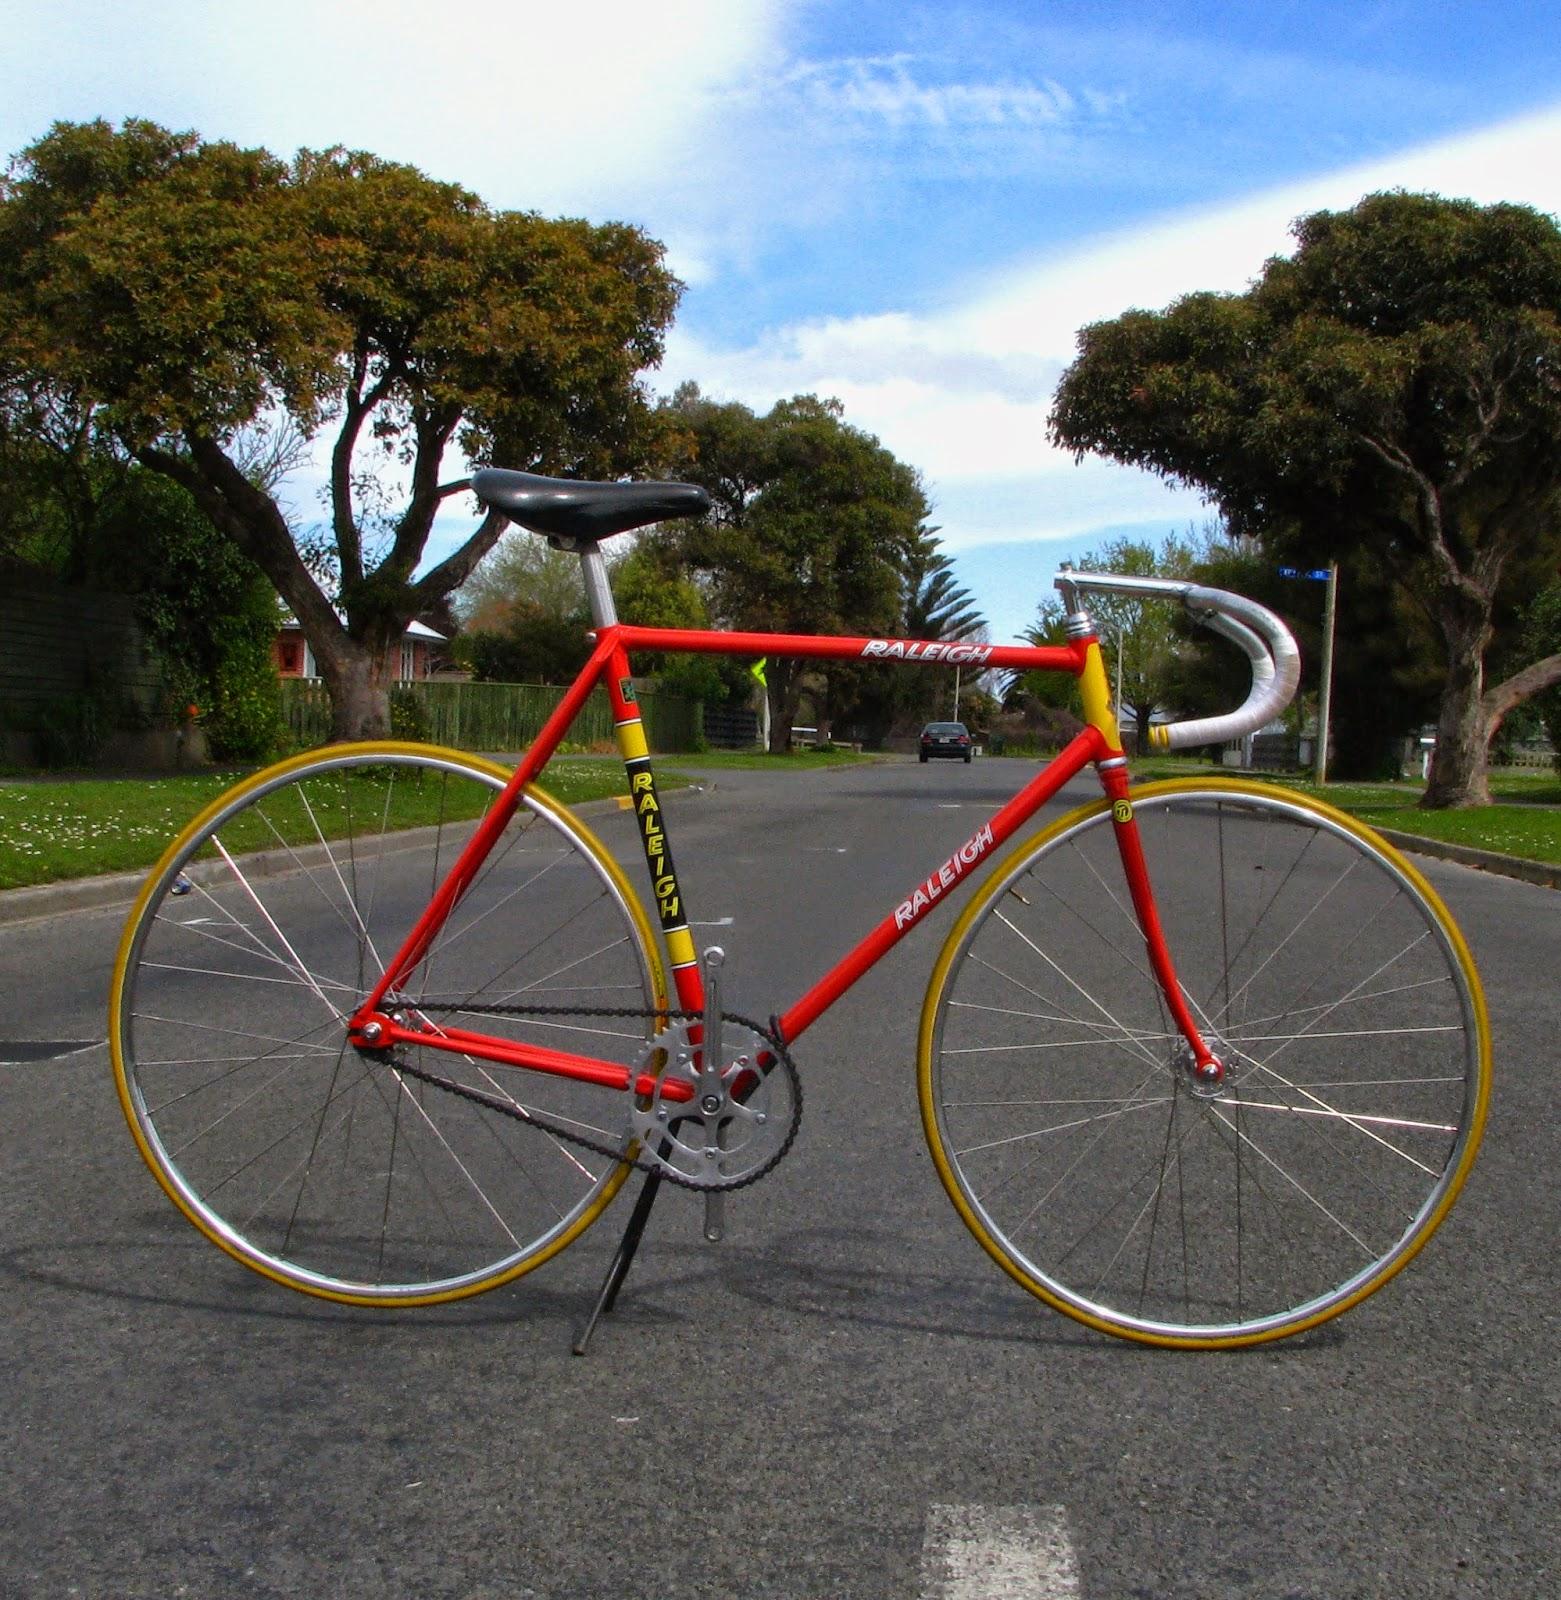 Vélo De Route Bicyclette Guidon Drop Bar Modolo Argent Nouveau